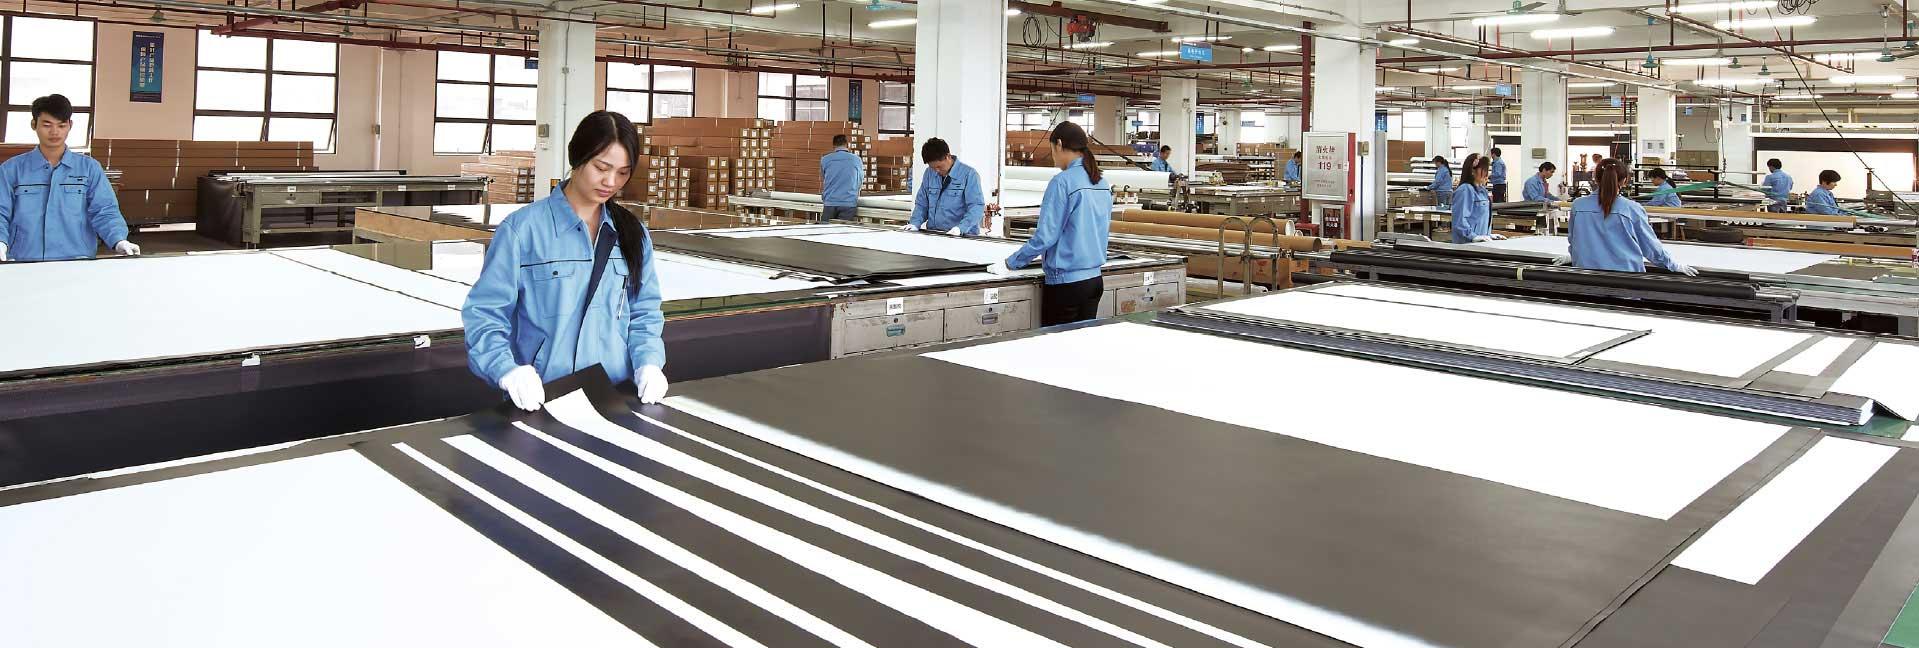 Grandviews Factory